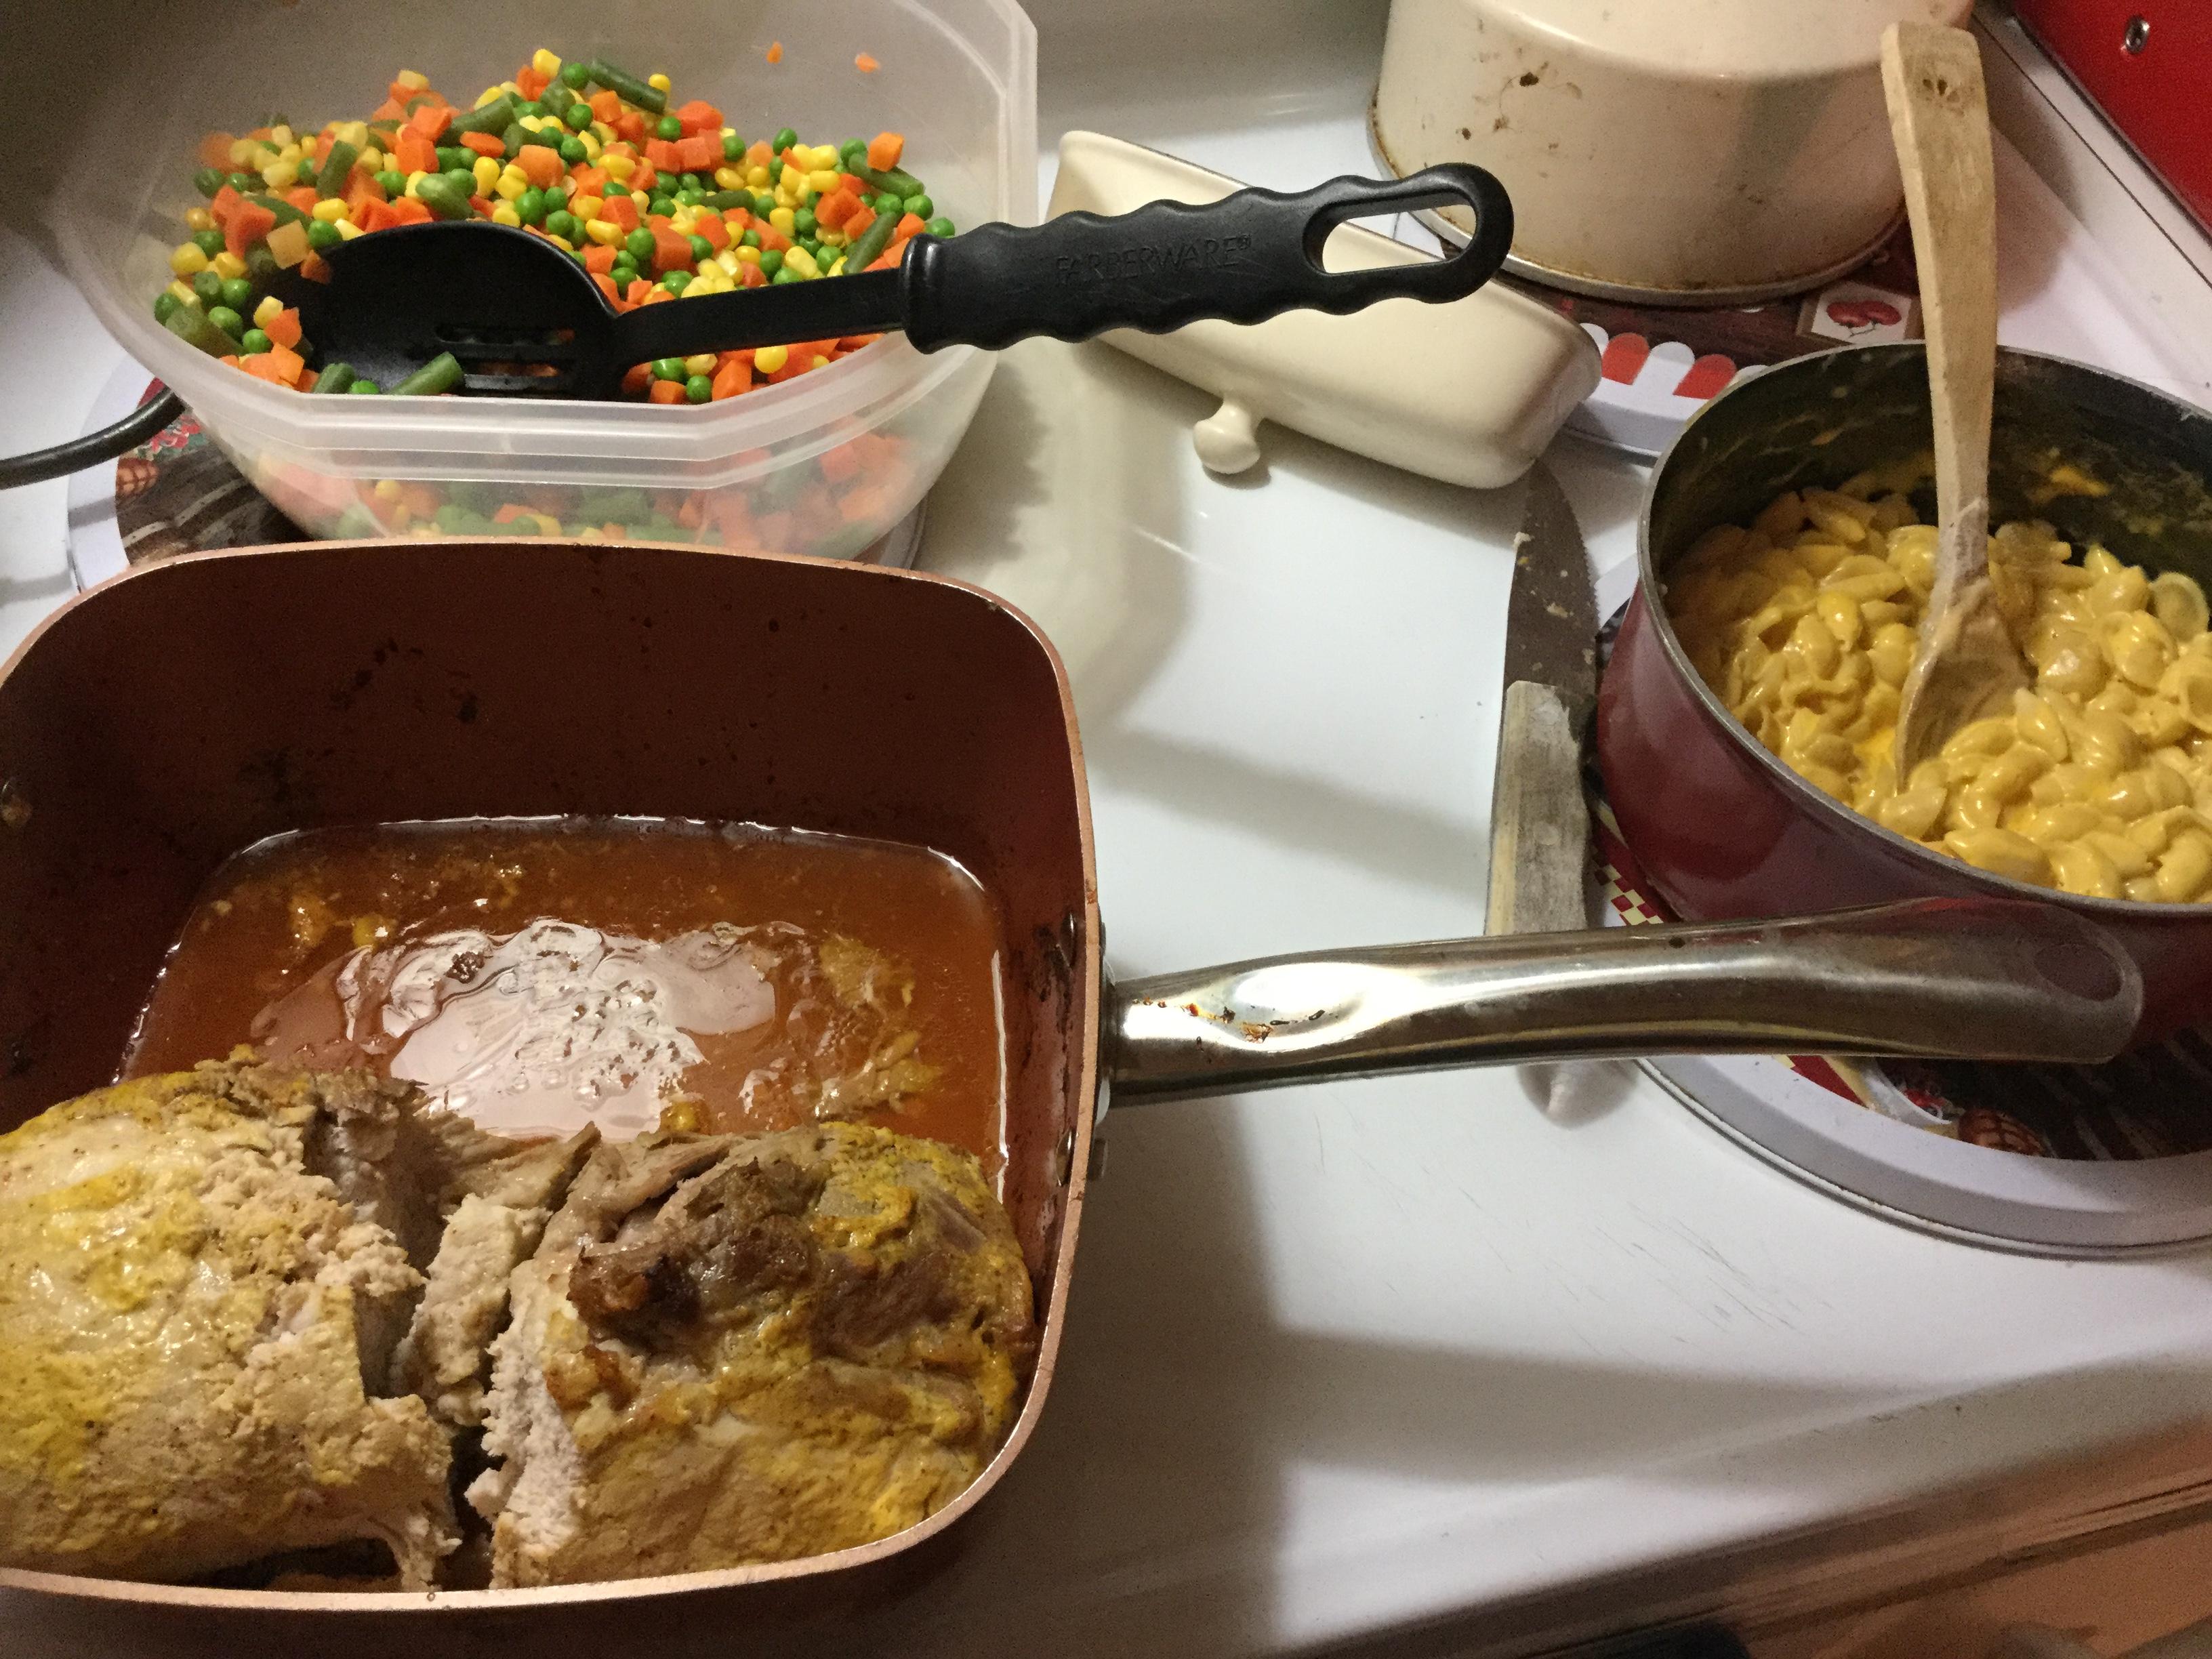 Tangy Grilled Pork Tenderloin Denise Izmerian